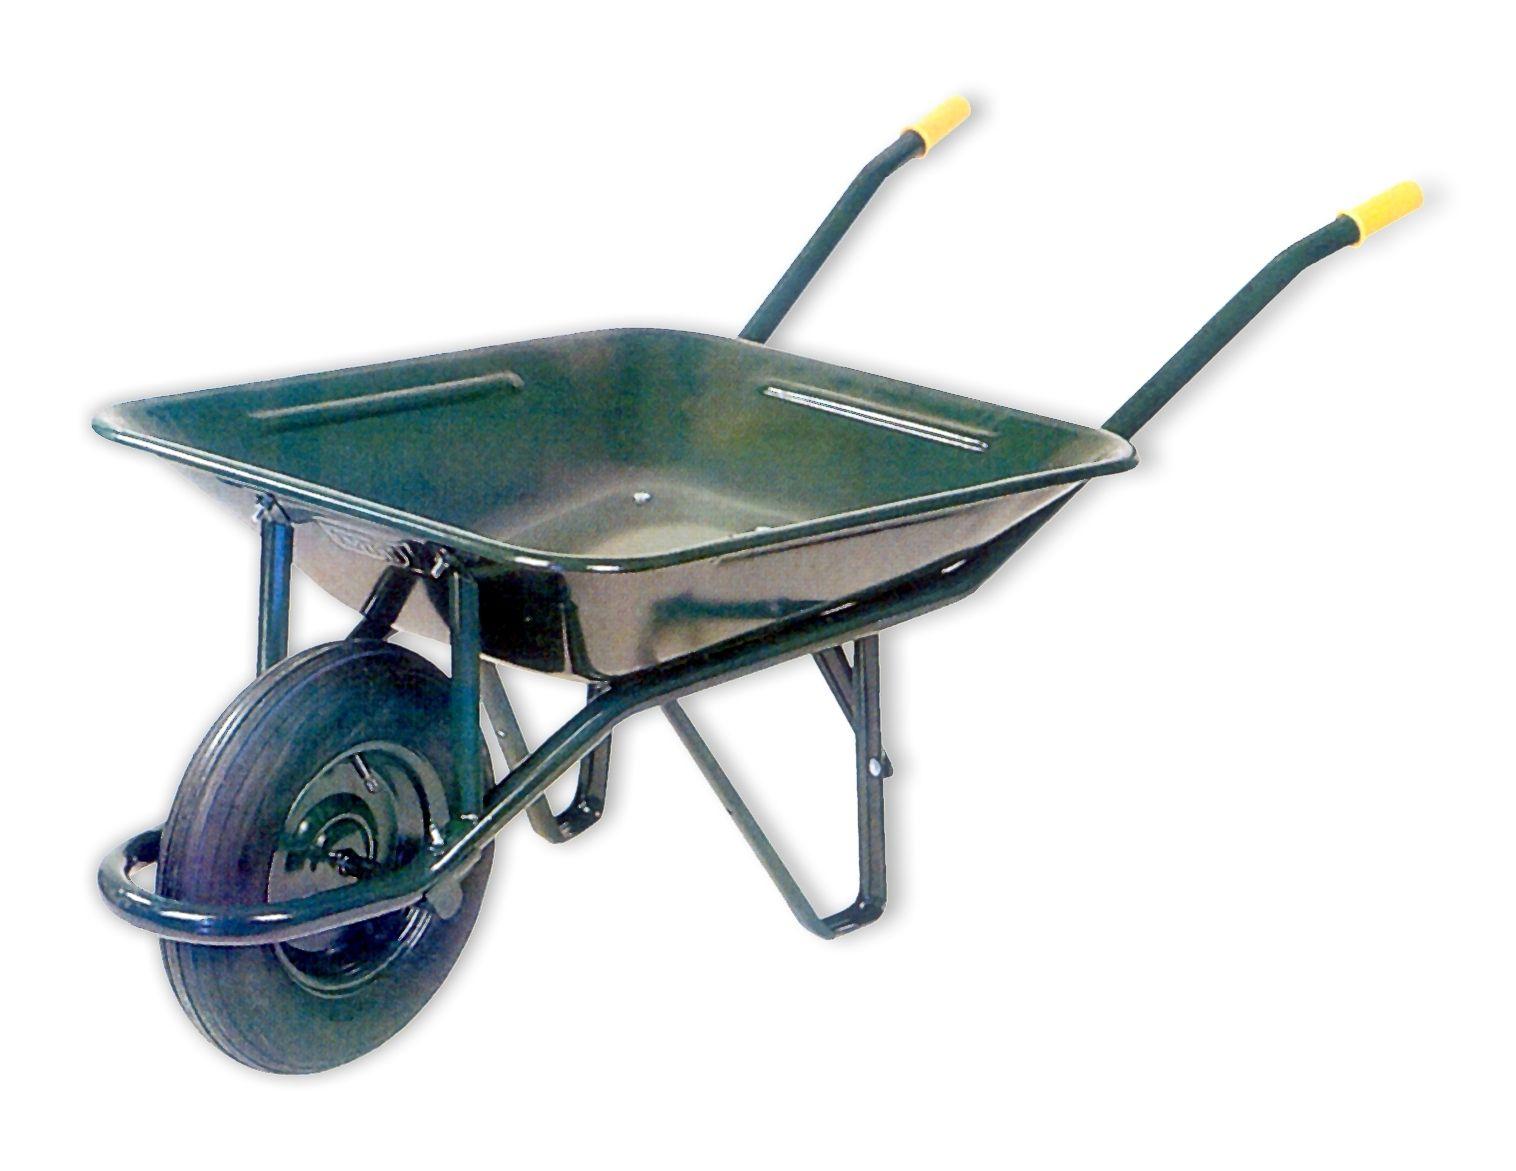 Carretilla obra 60lt metal verde carretillaobra - Carretillas de transporte ...